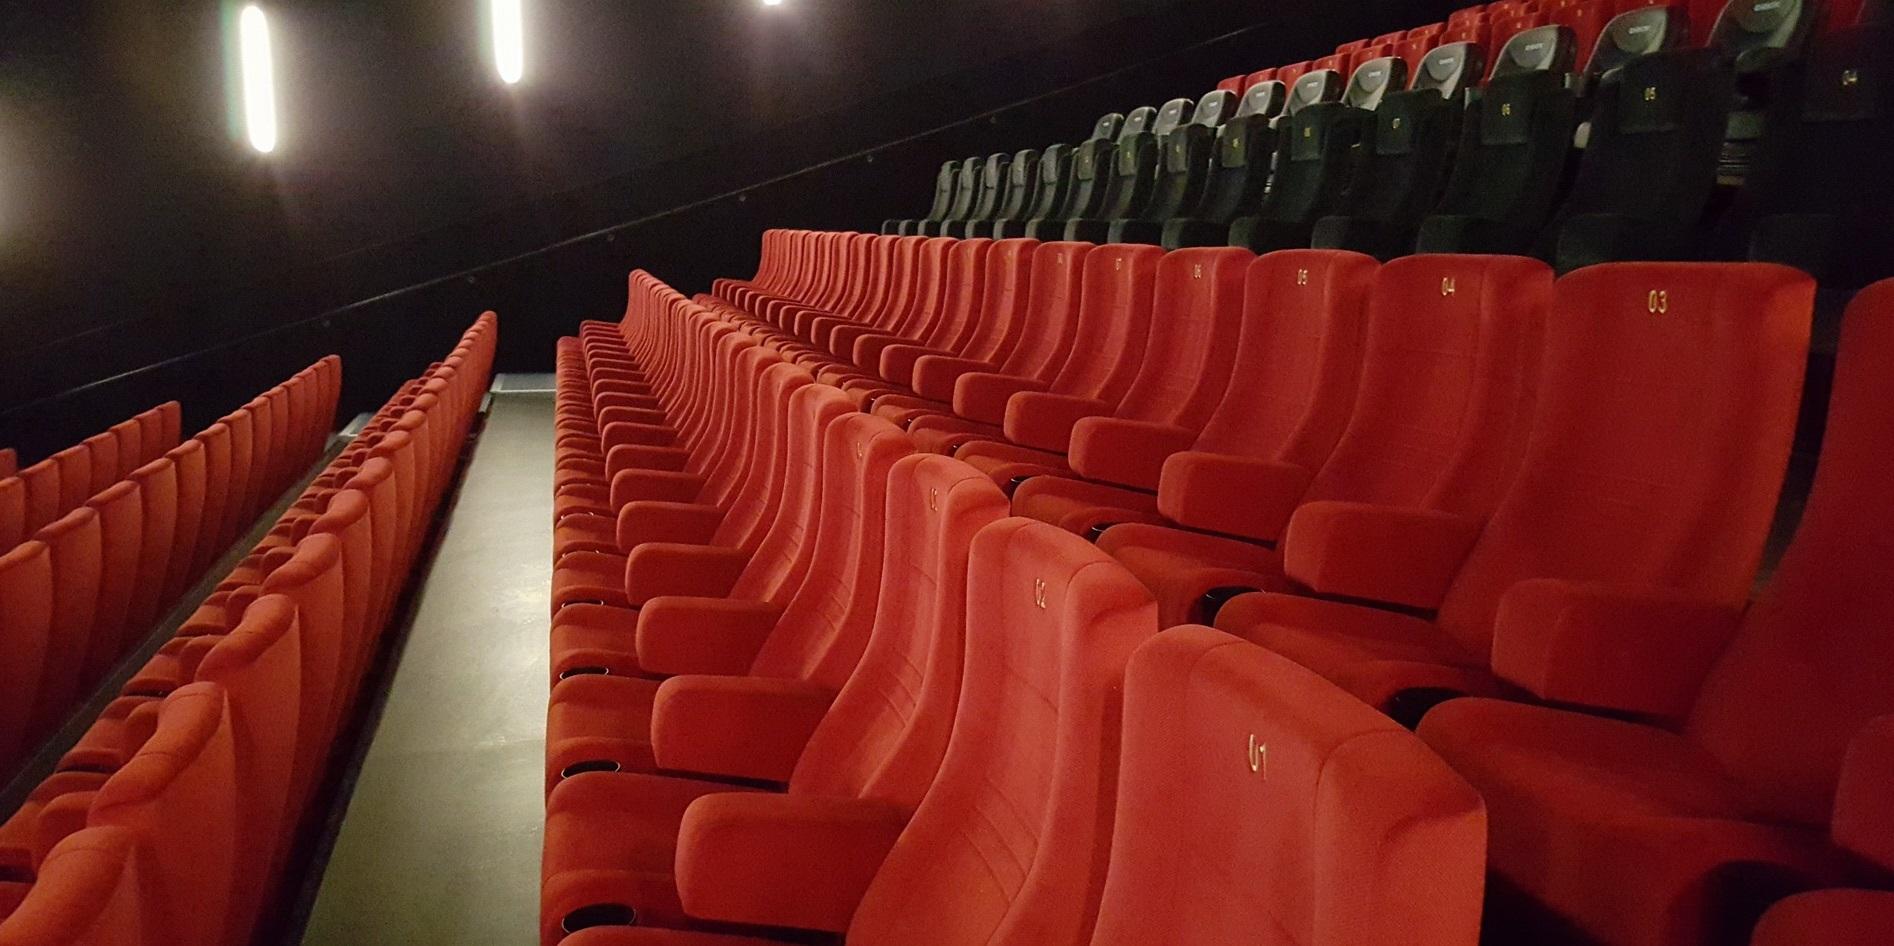 V slovenských kinách sa za rok predalo skoro 6 miliónov lístkov